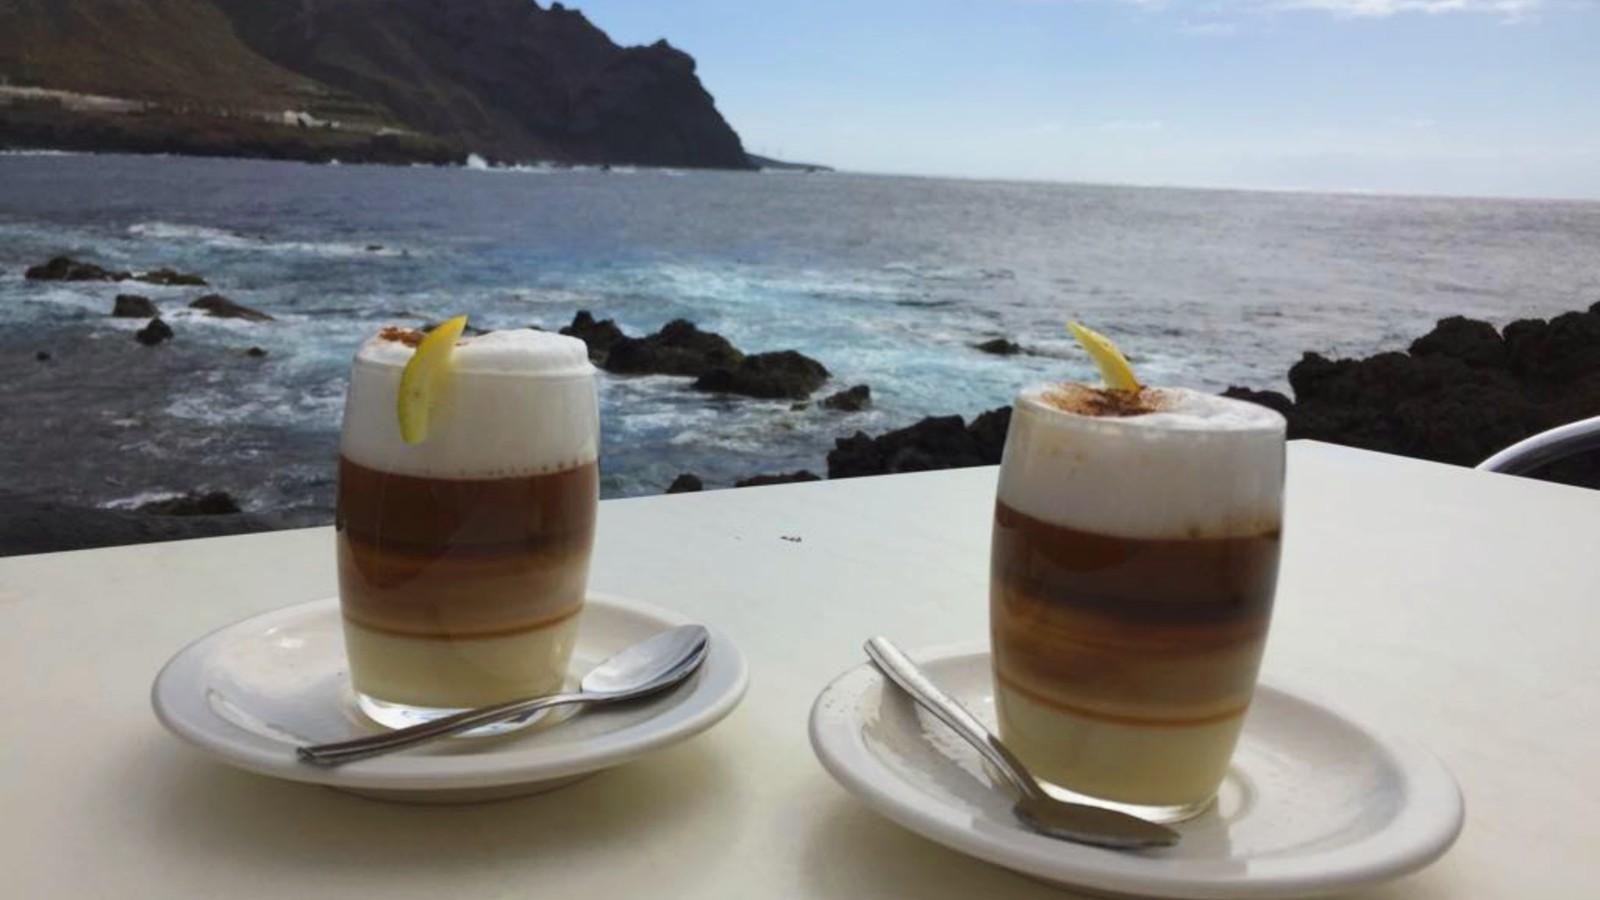 Un barraquito (café tradicional de Canarias) al final del sendero en Buenavista del Norte